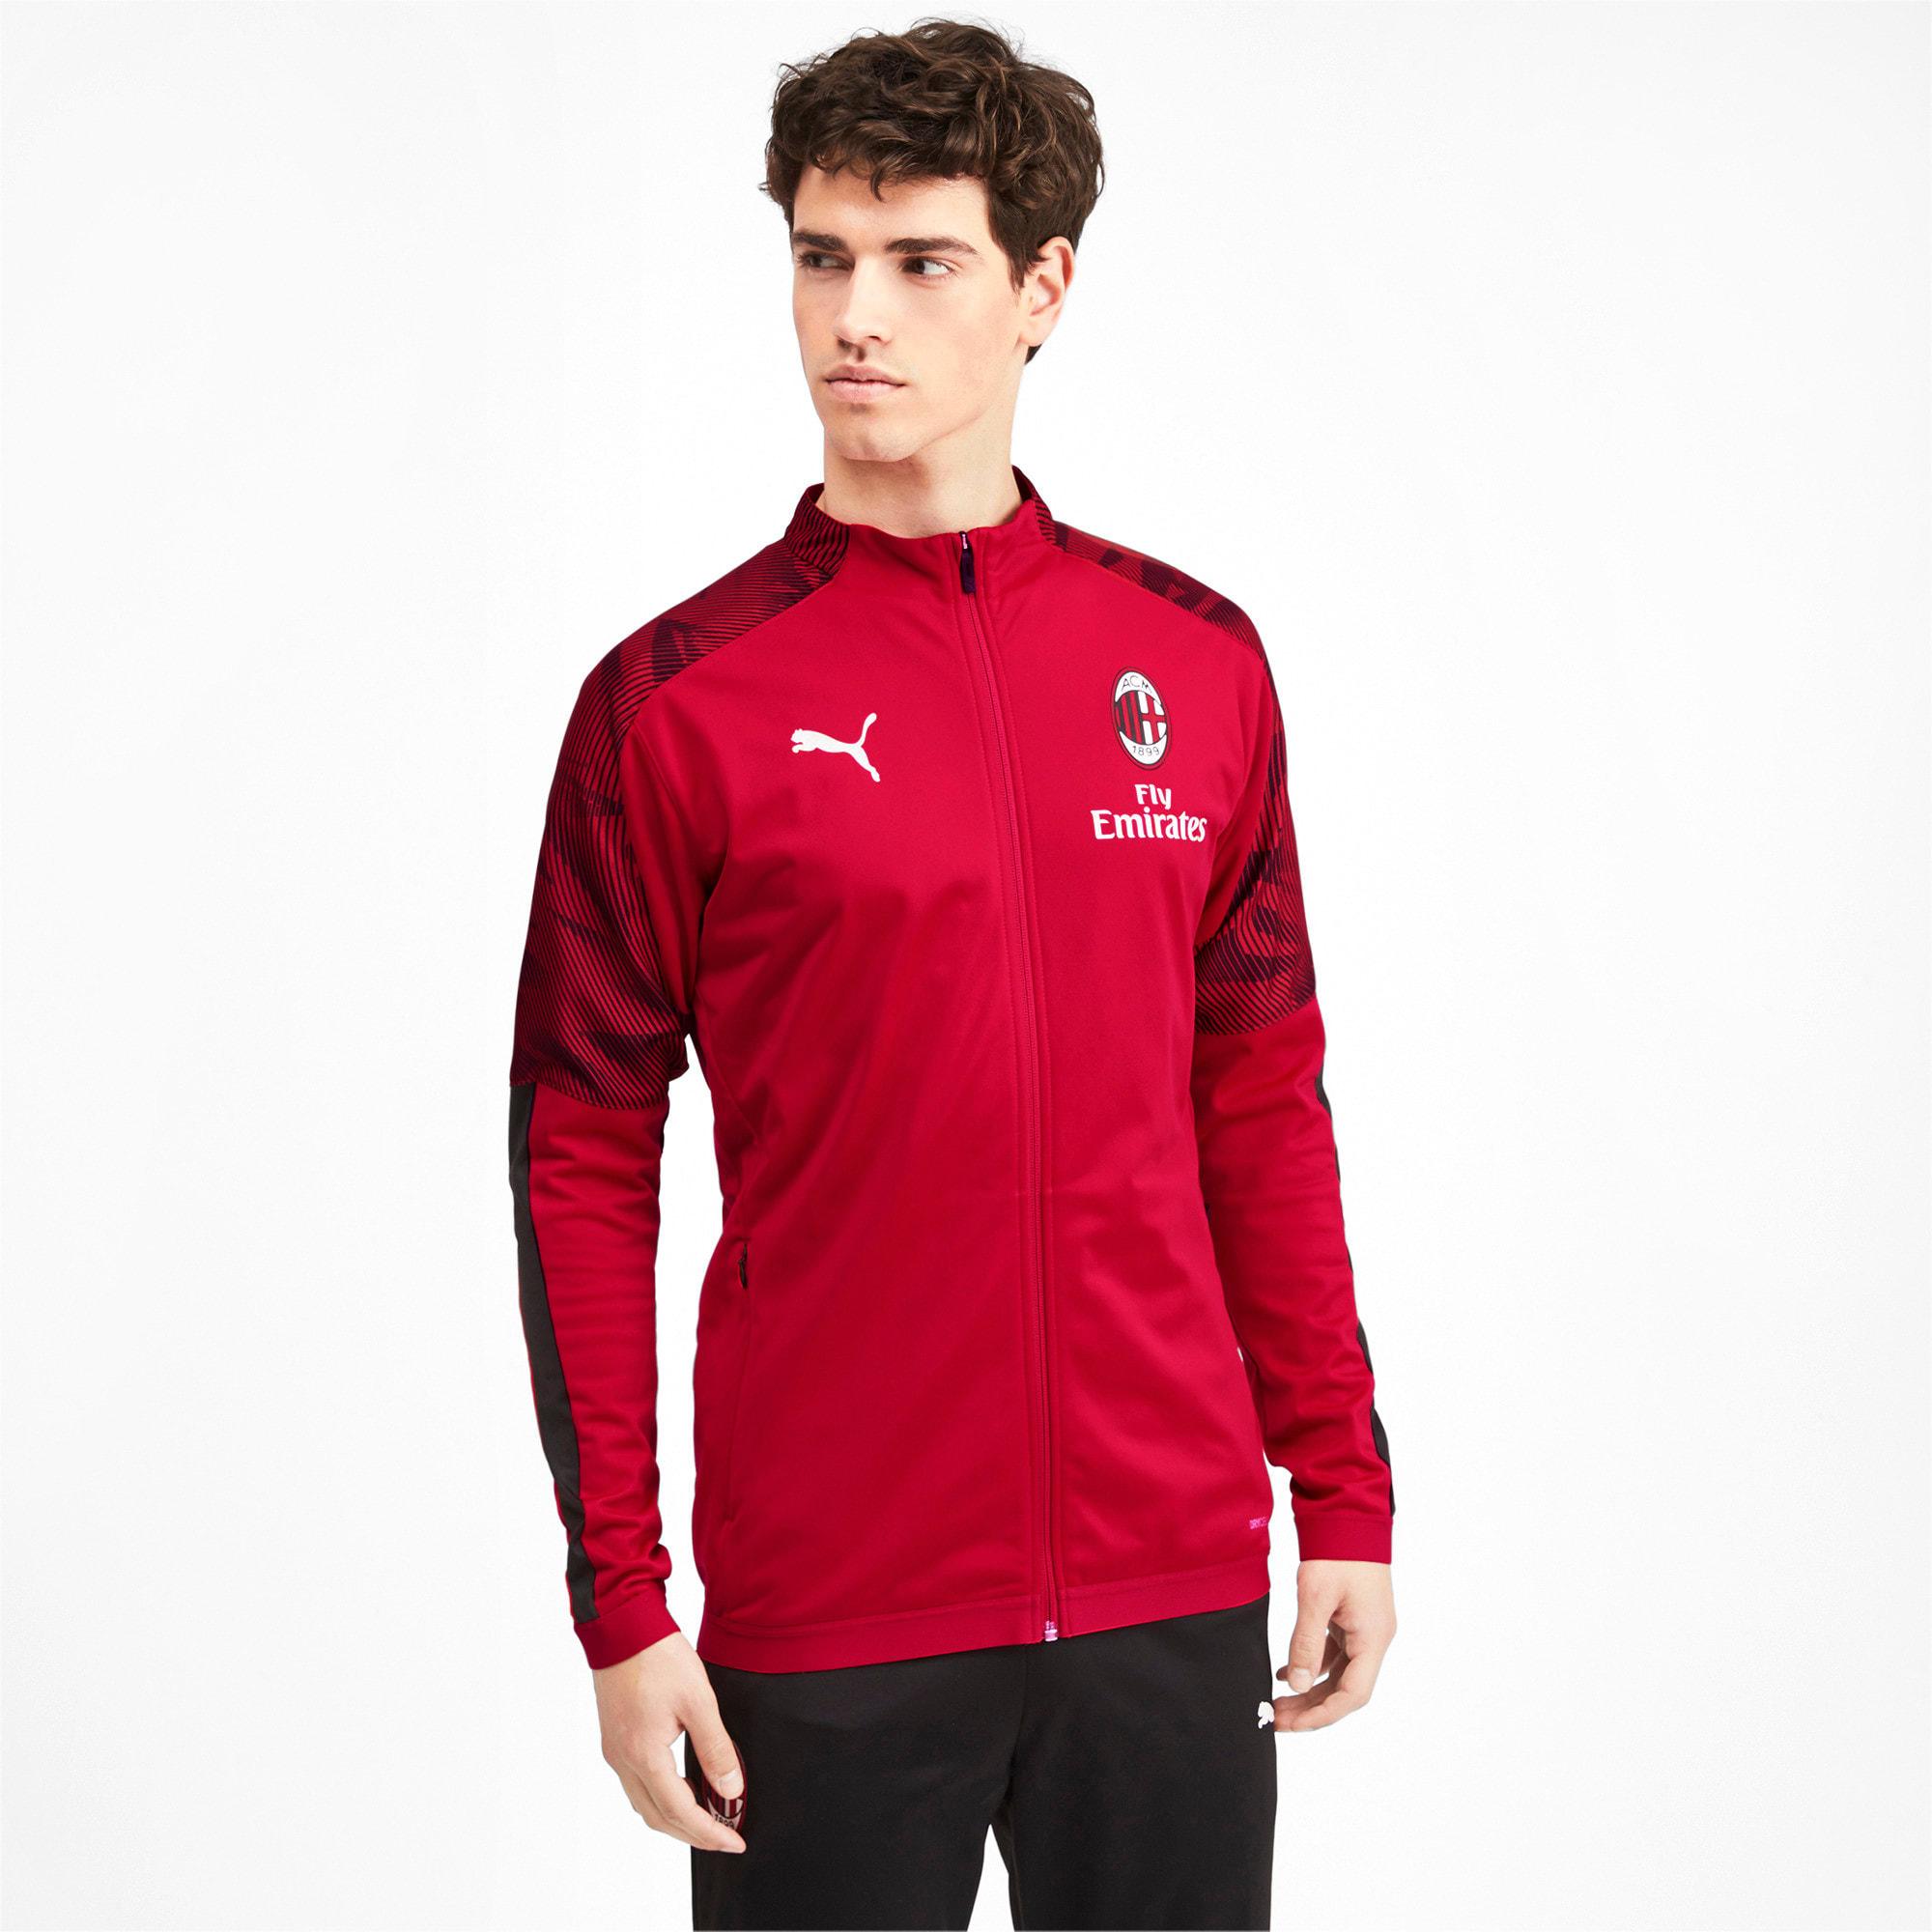 Thumbnail 1 of AC Milan Men's Poly Jacket, Puma Black-Tango Red, medium